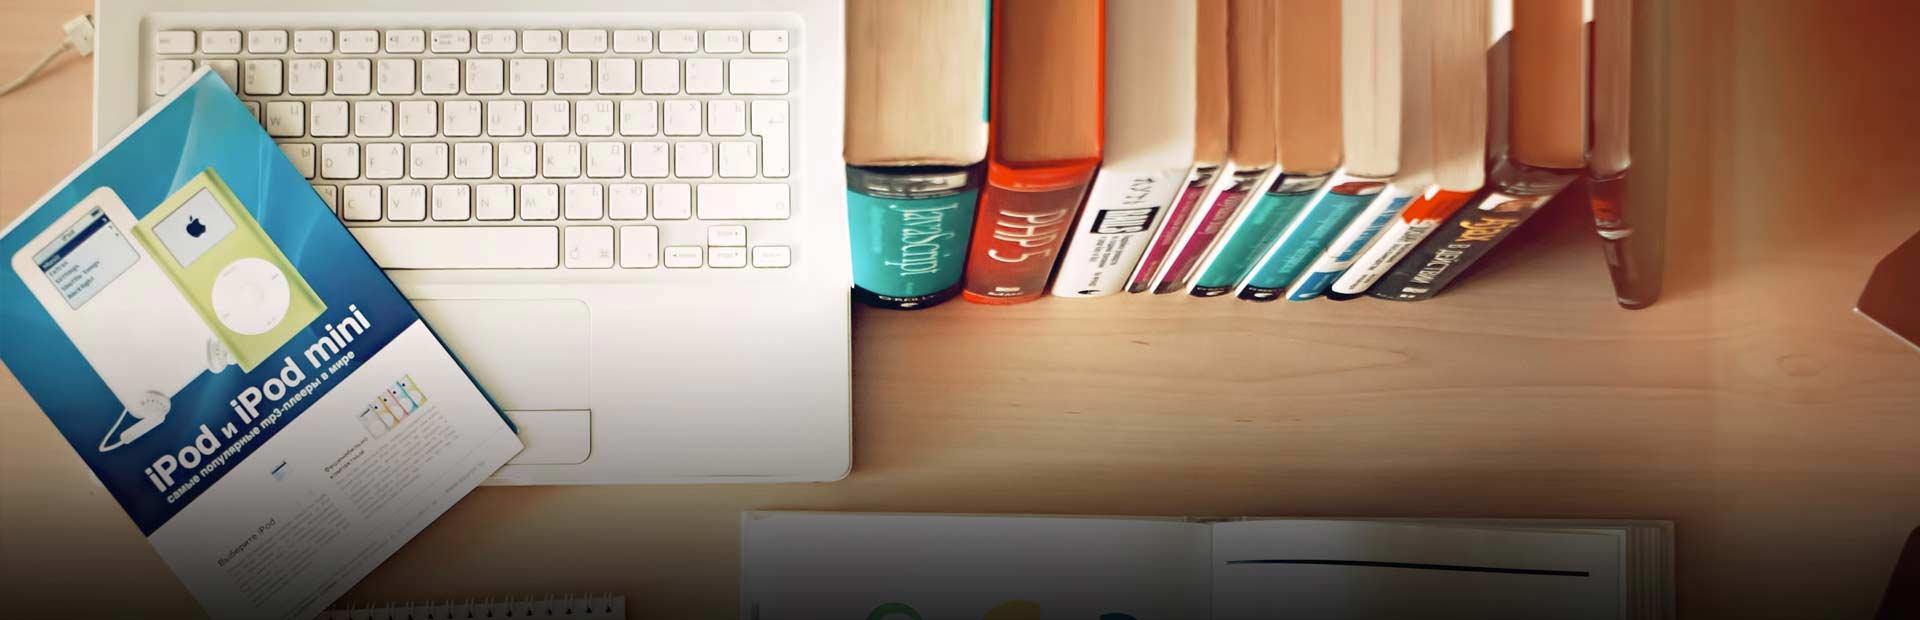 دانلود انواع کتاب های تخصصی و غیر تخصصی به عربی، فارسی، ترکی و لاتین در کلبه معرفت